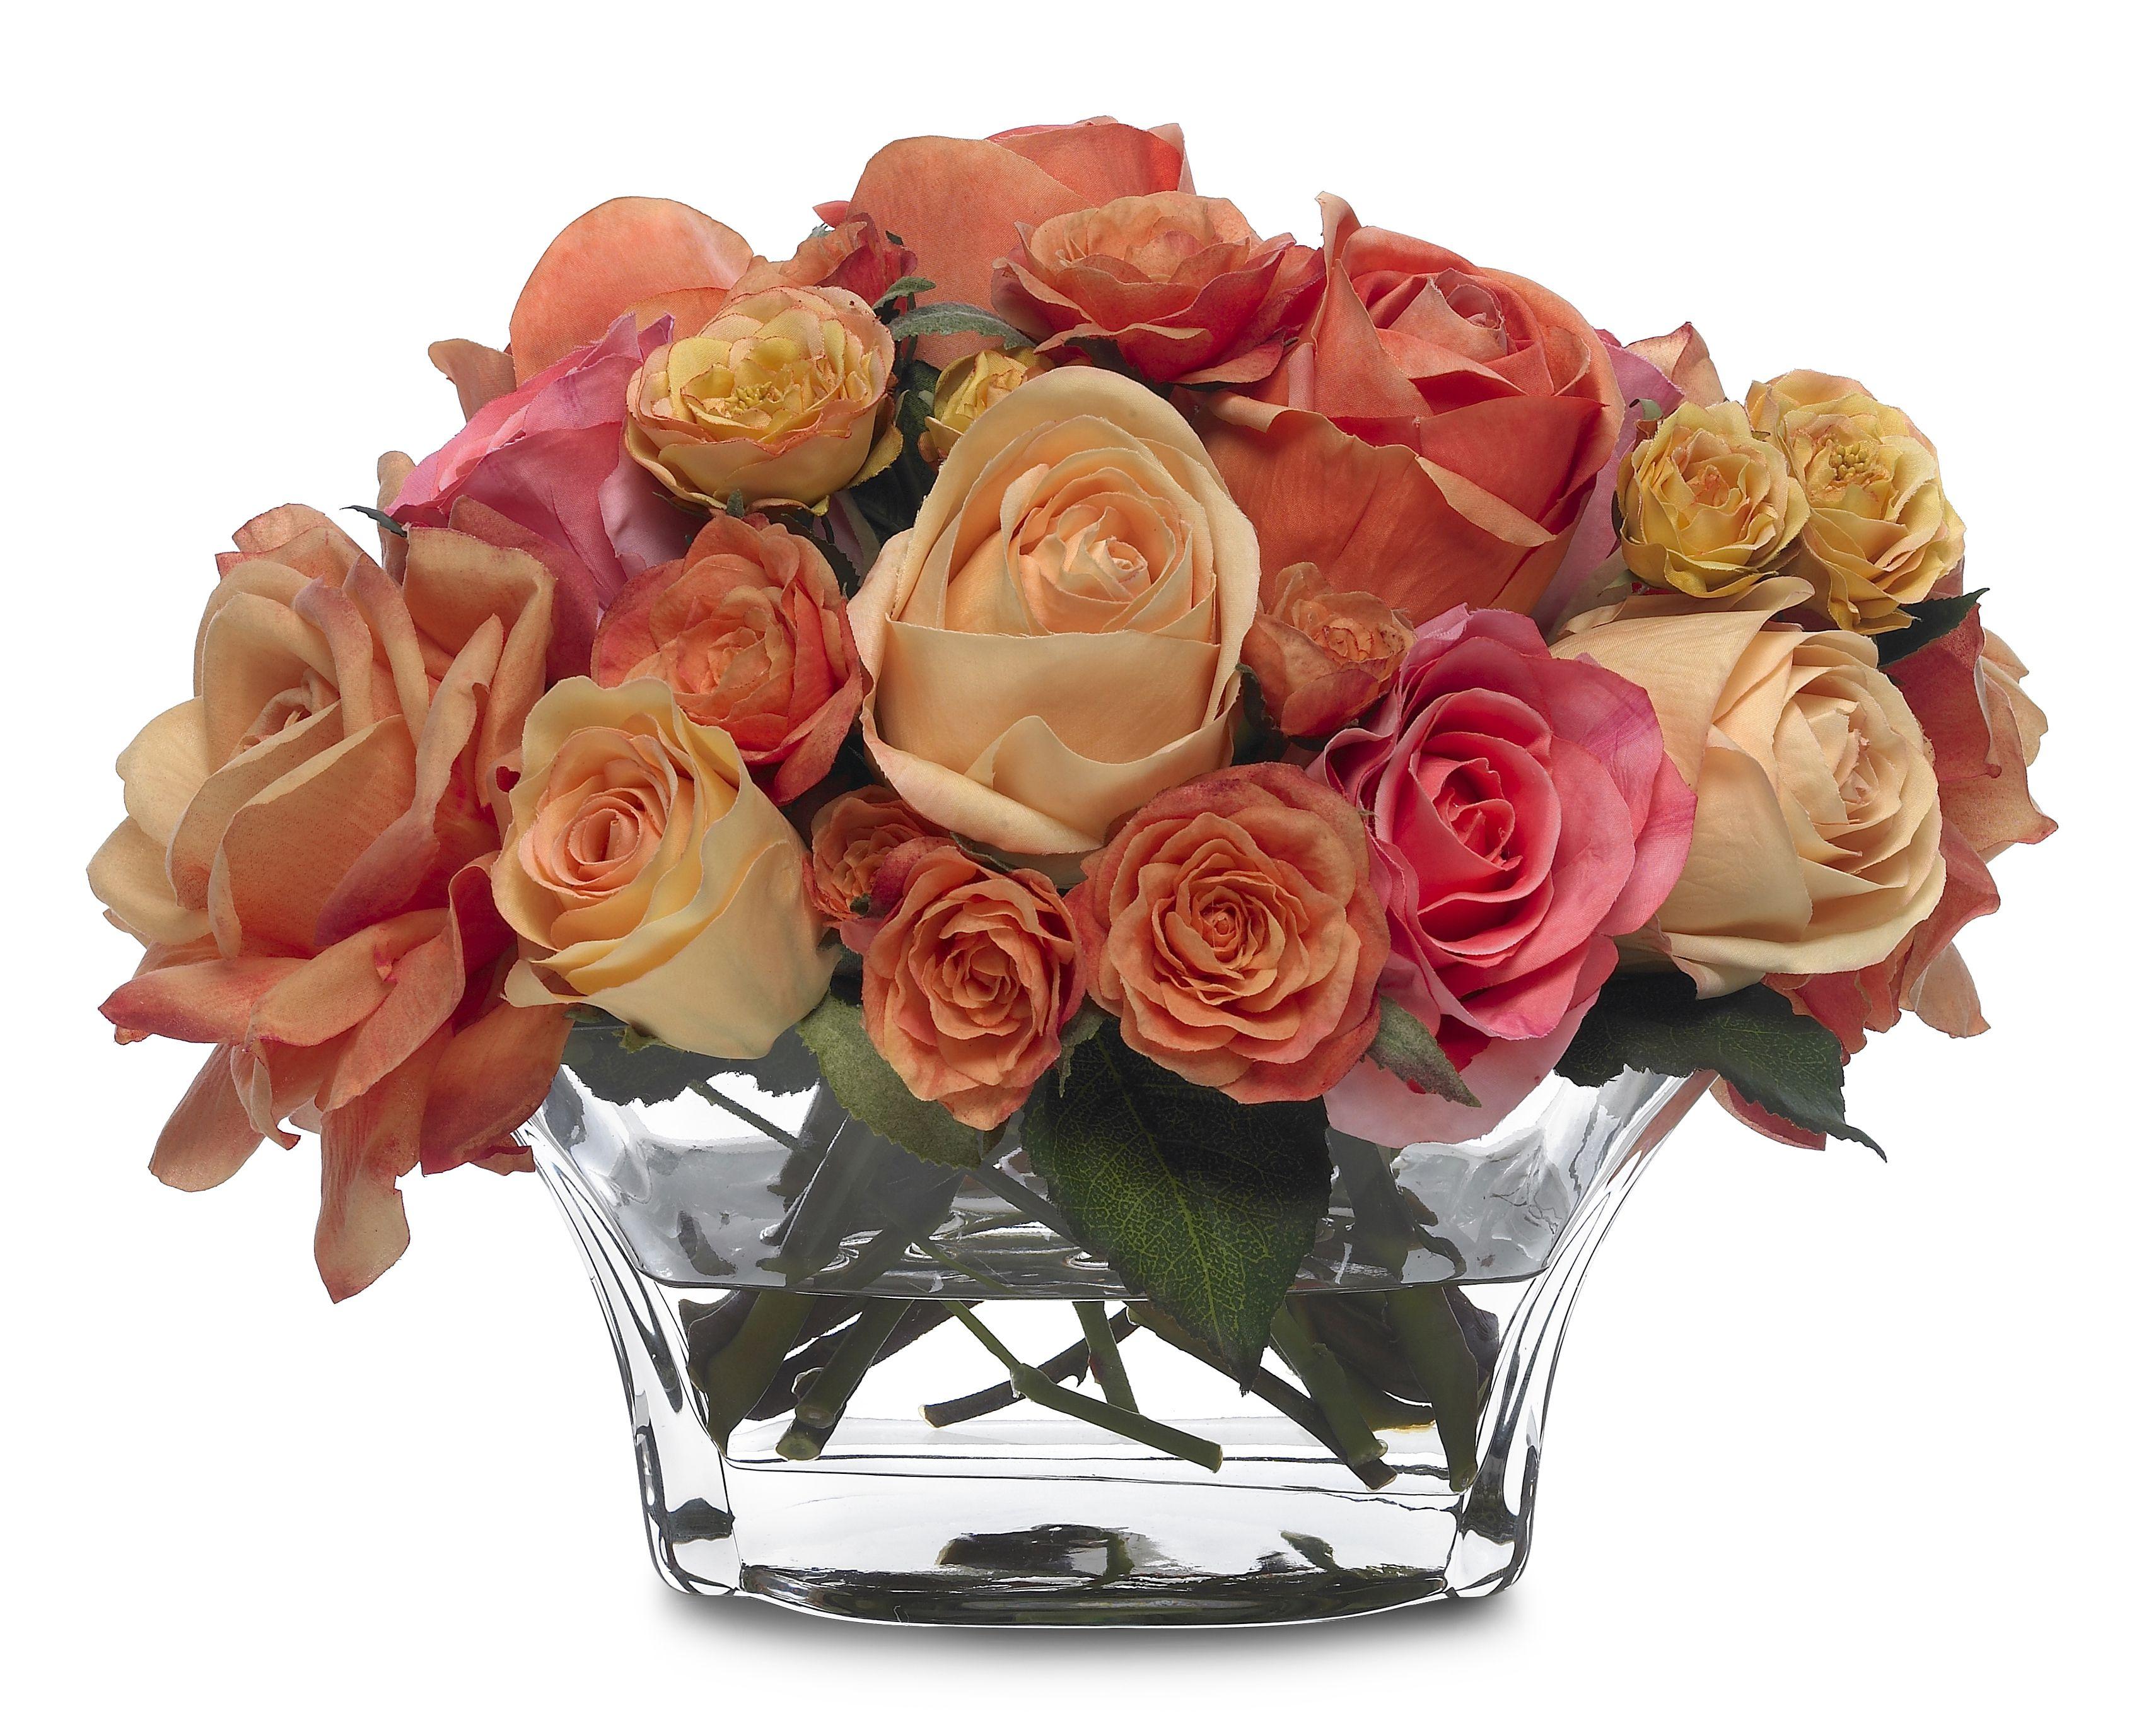 13 top varieties for cut flowers izmirmasajfo